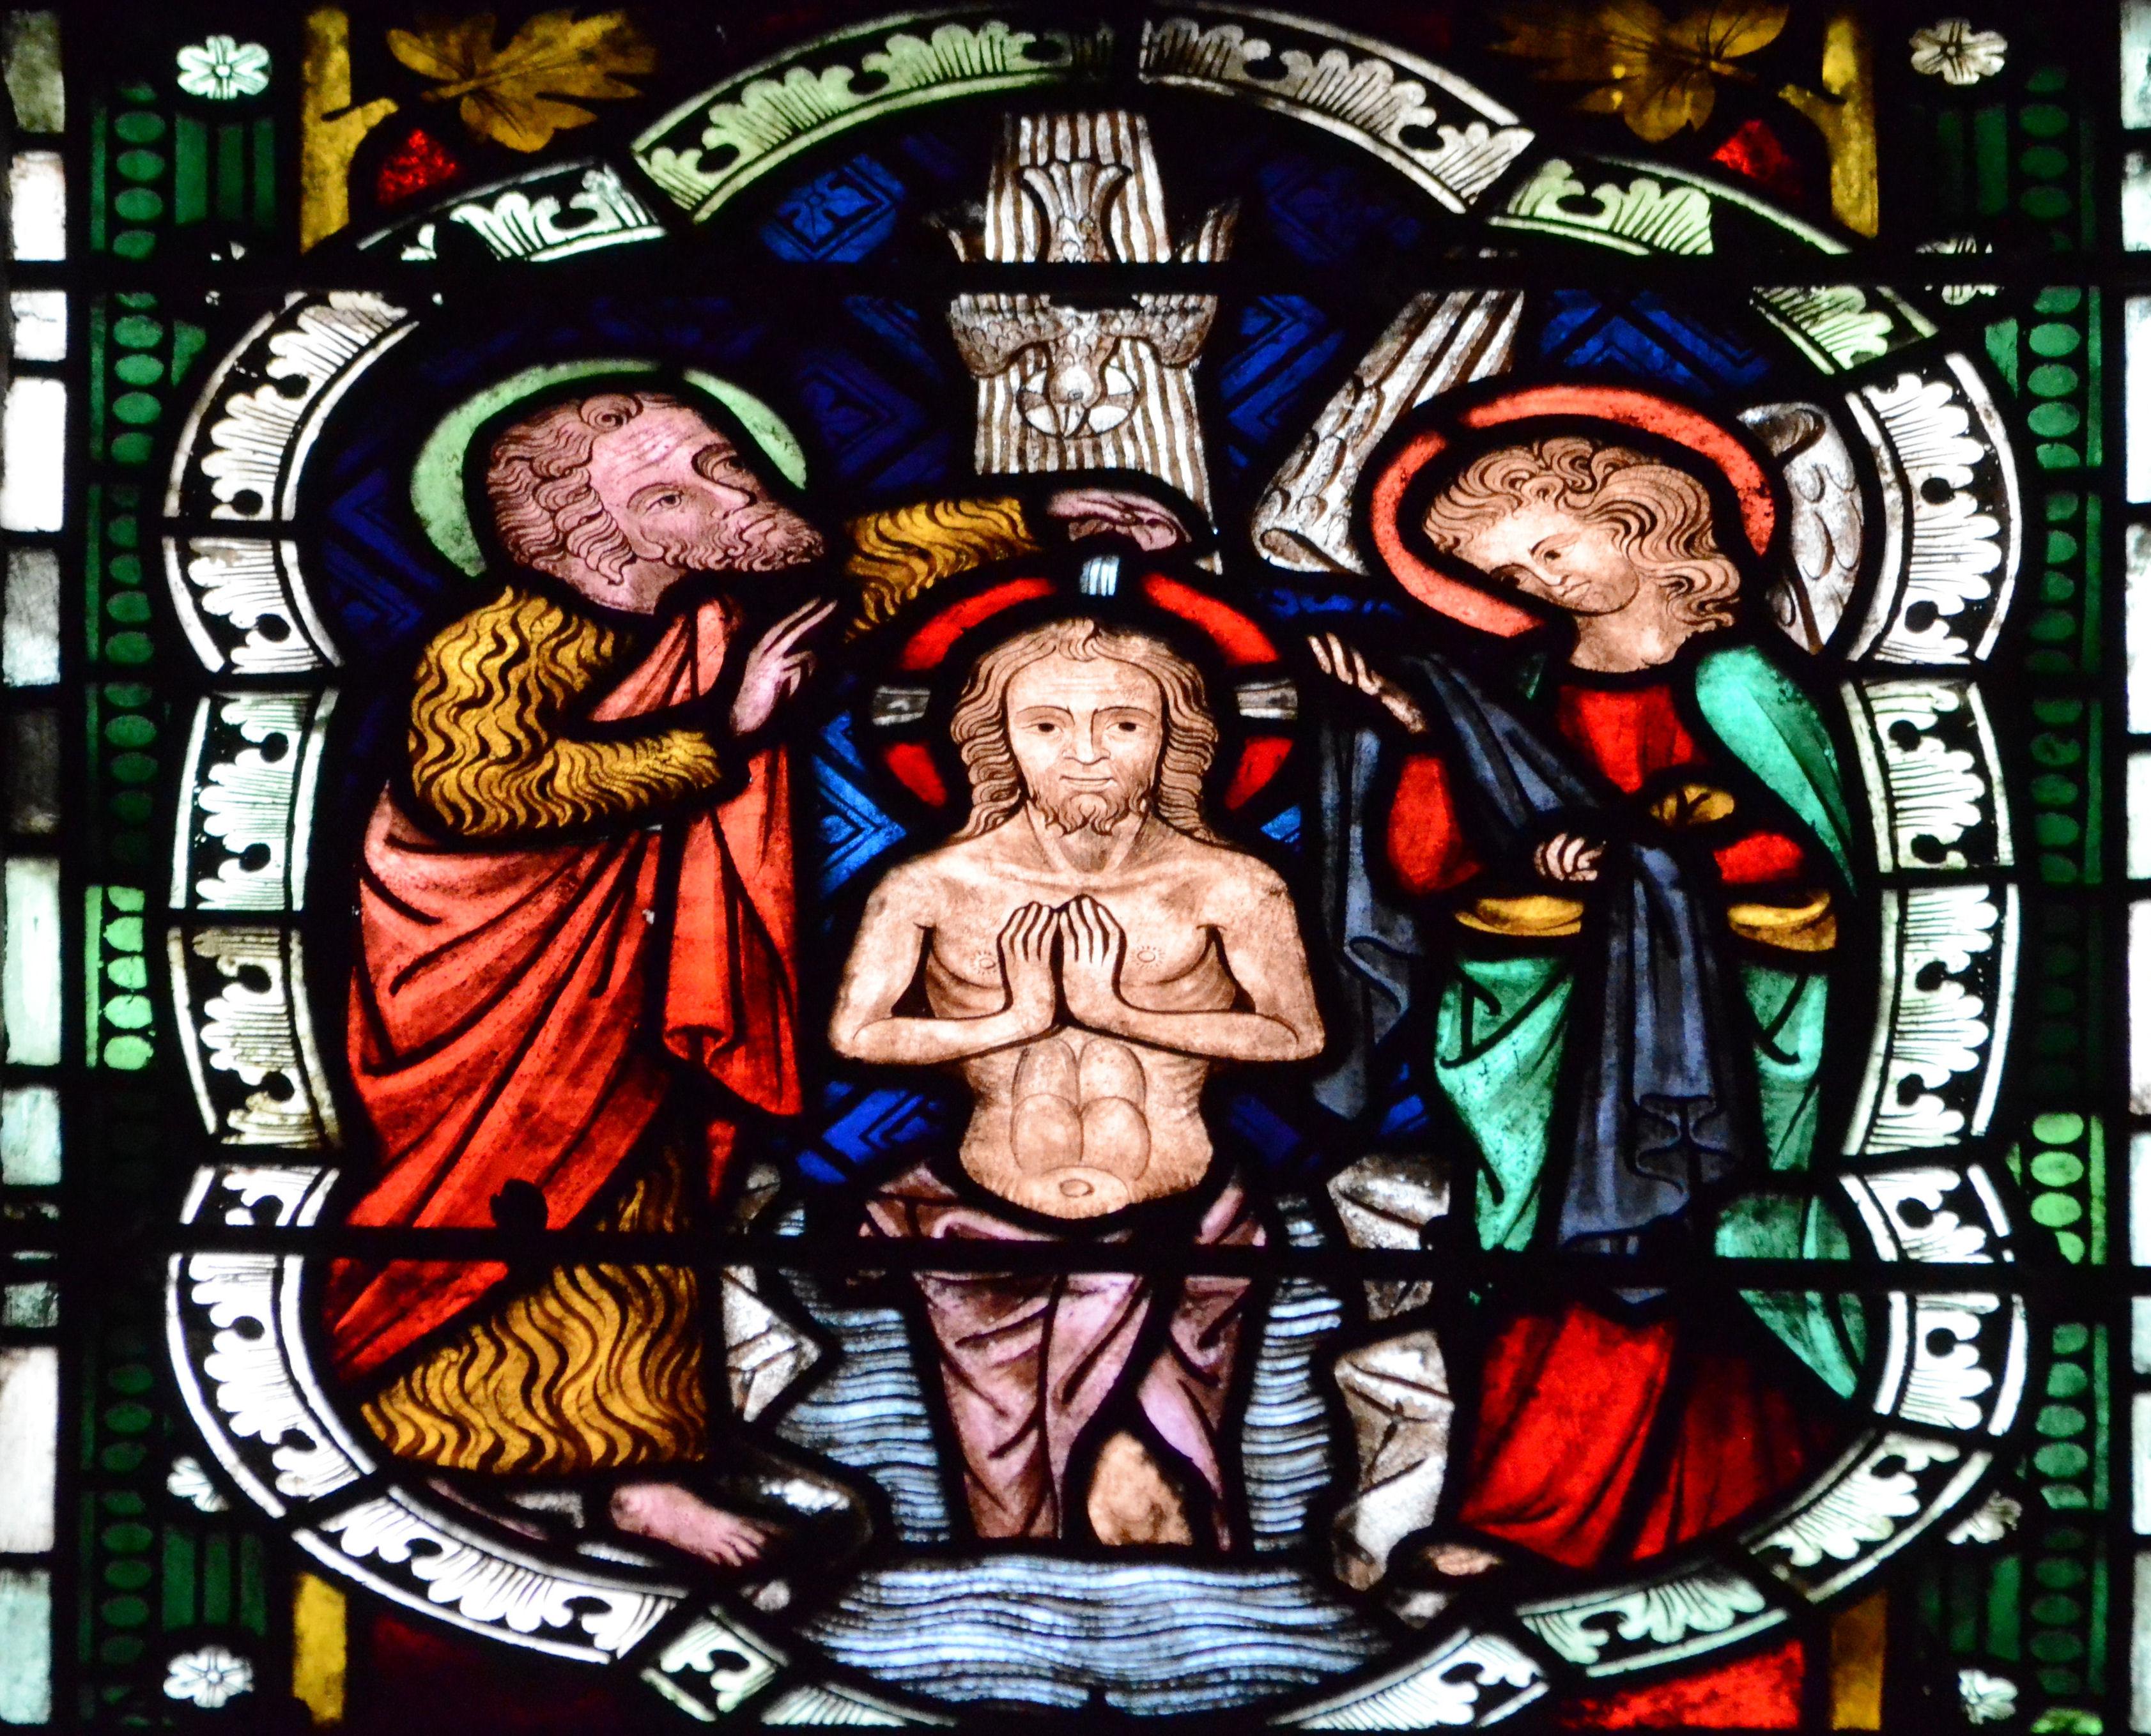 Saint Jean Baptiste - Dimanche 27 juin 2021